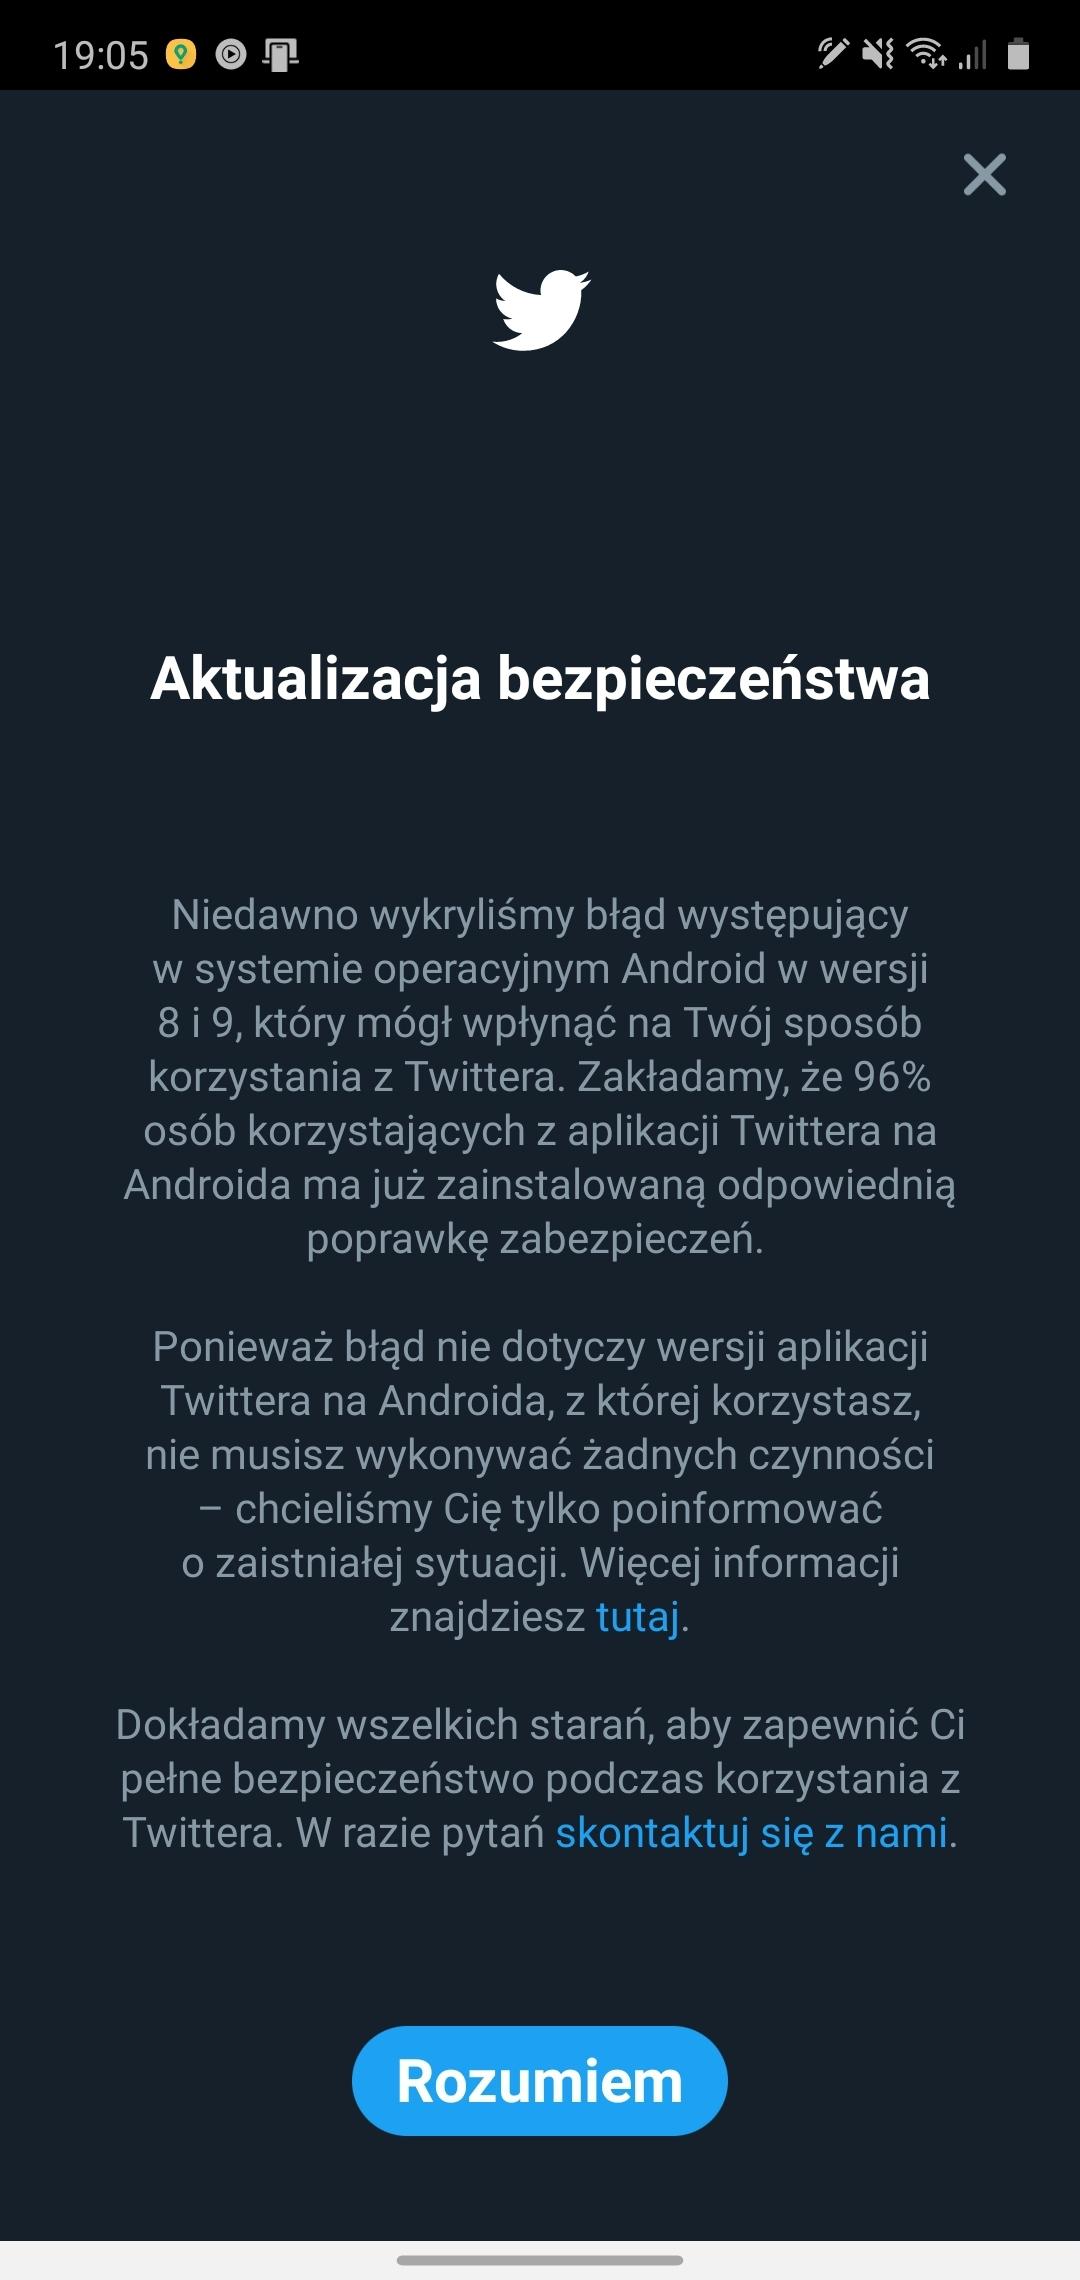 Twitter aktualizacja bezpieczeństwa informacja